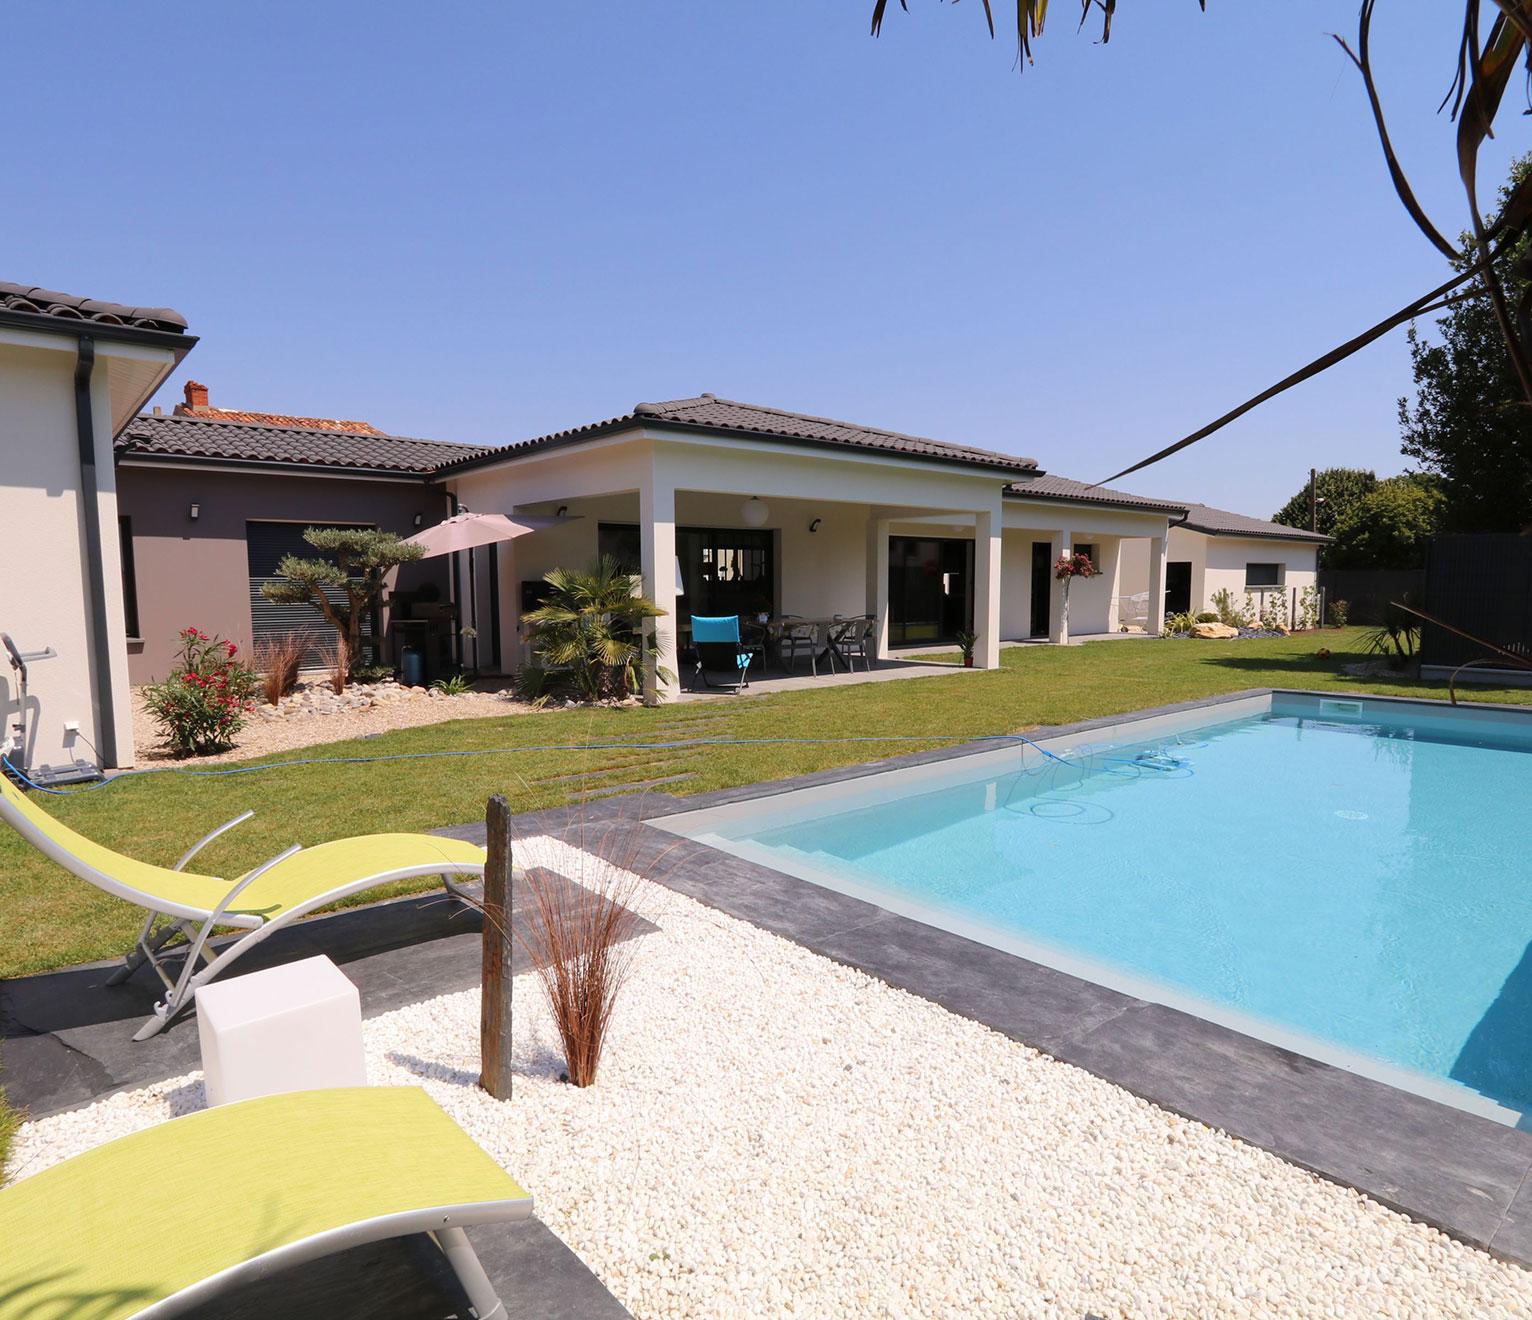 maison contemporaine avec tout confort avec piscine